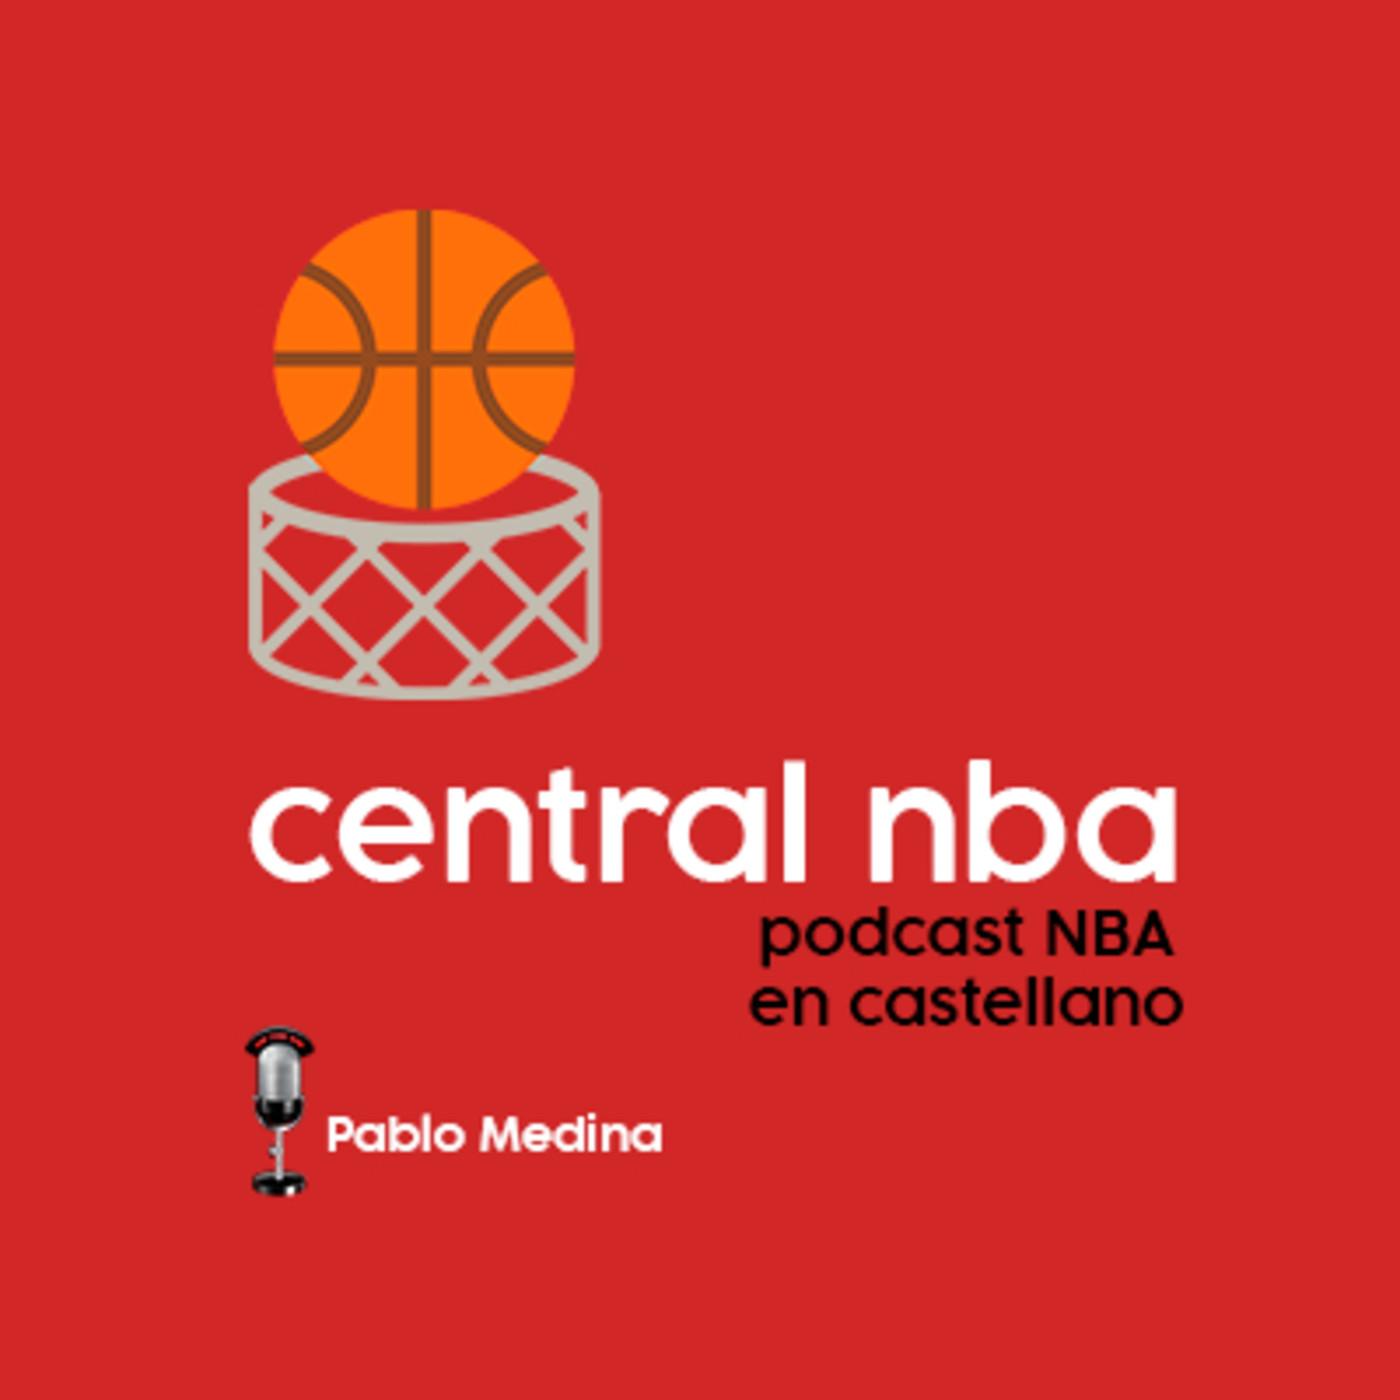 REPASO DE LAS FINALES DE LA NBA: LOS ANGELES LAKERS vs MIAMI HEAT (3-1) - CENTRAL NBA #44 (08/10/2020)